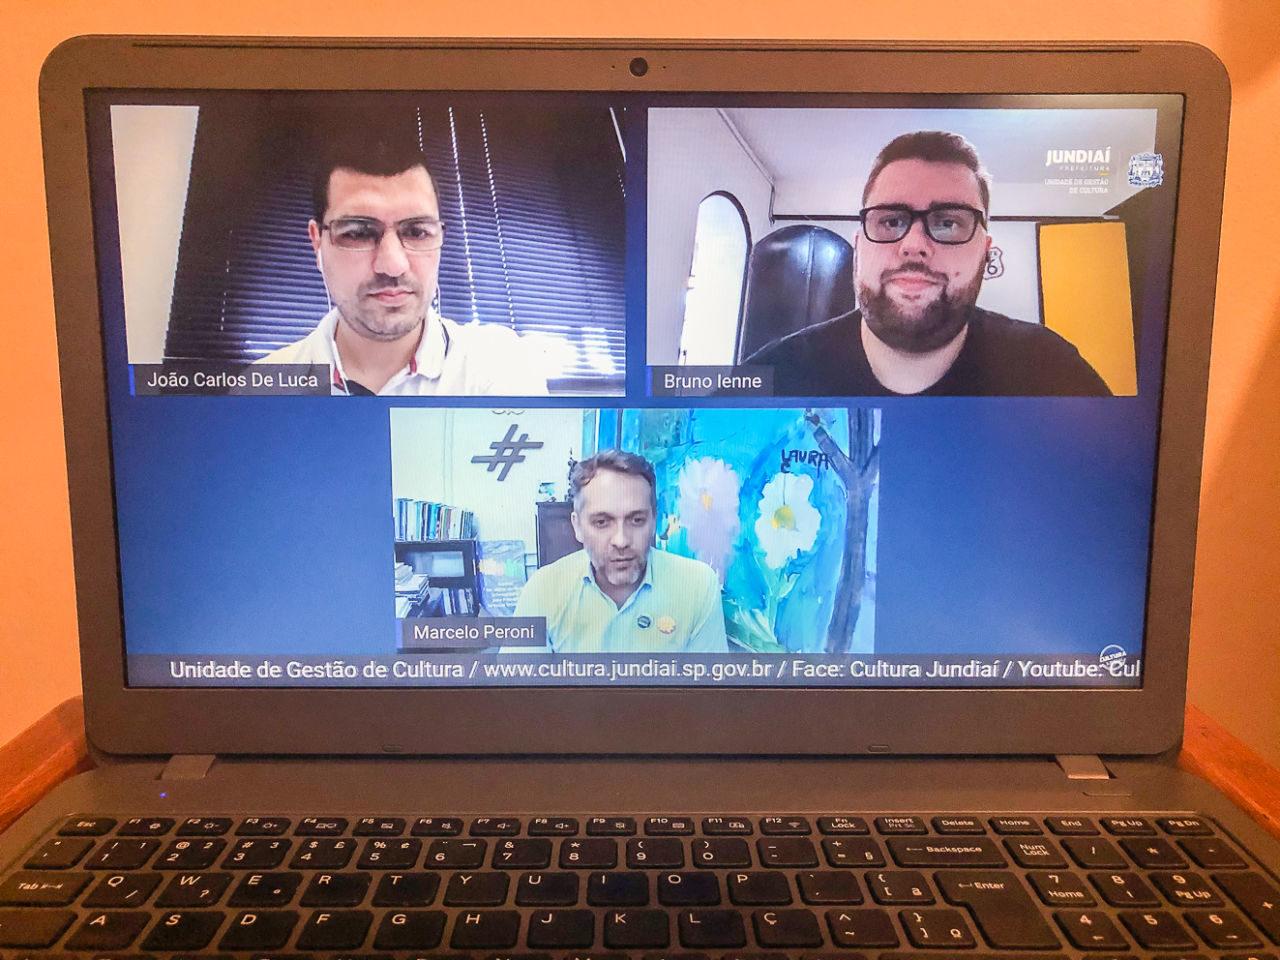 Tela e telado de computador portátil com imagens em primeiro plano de três homens, em ambientes diferentes